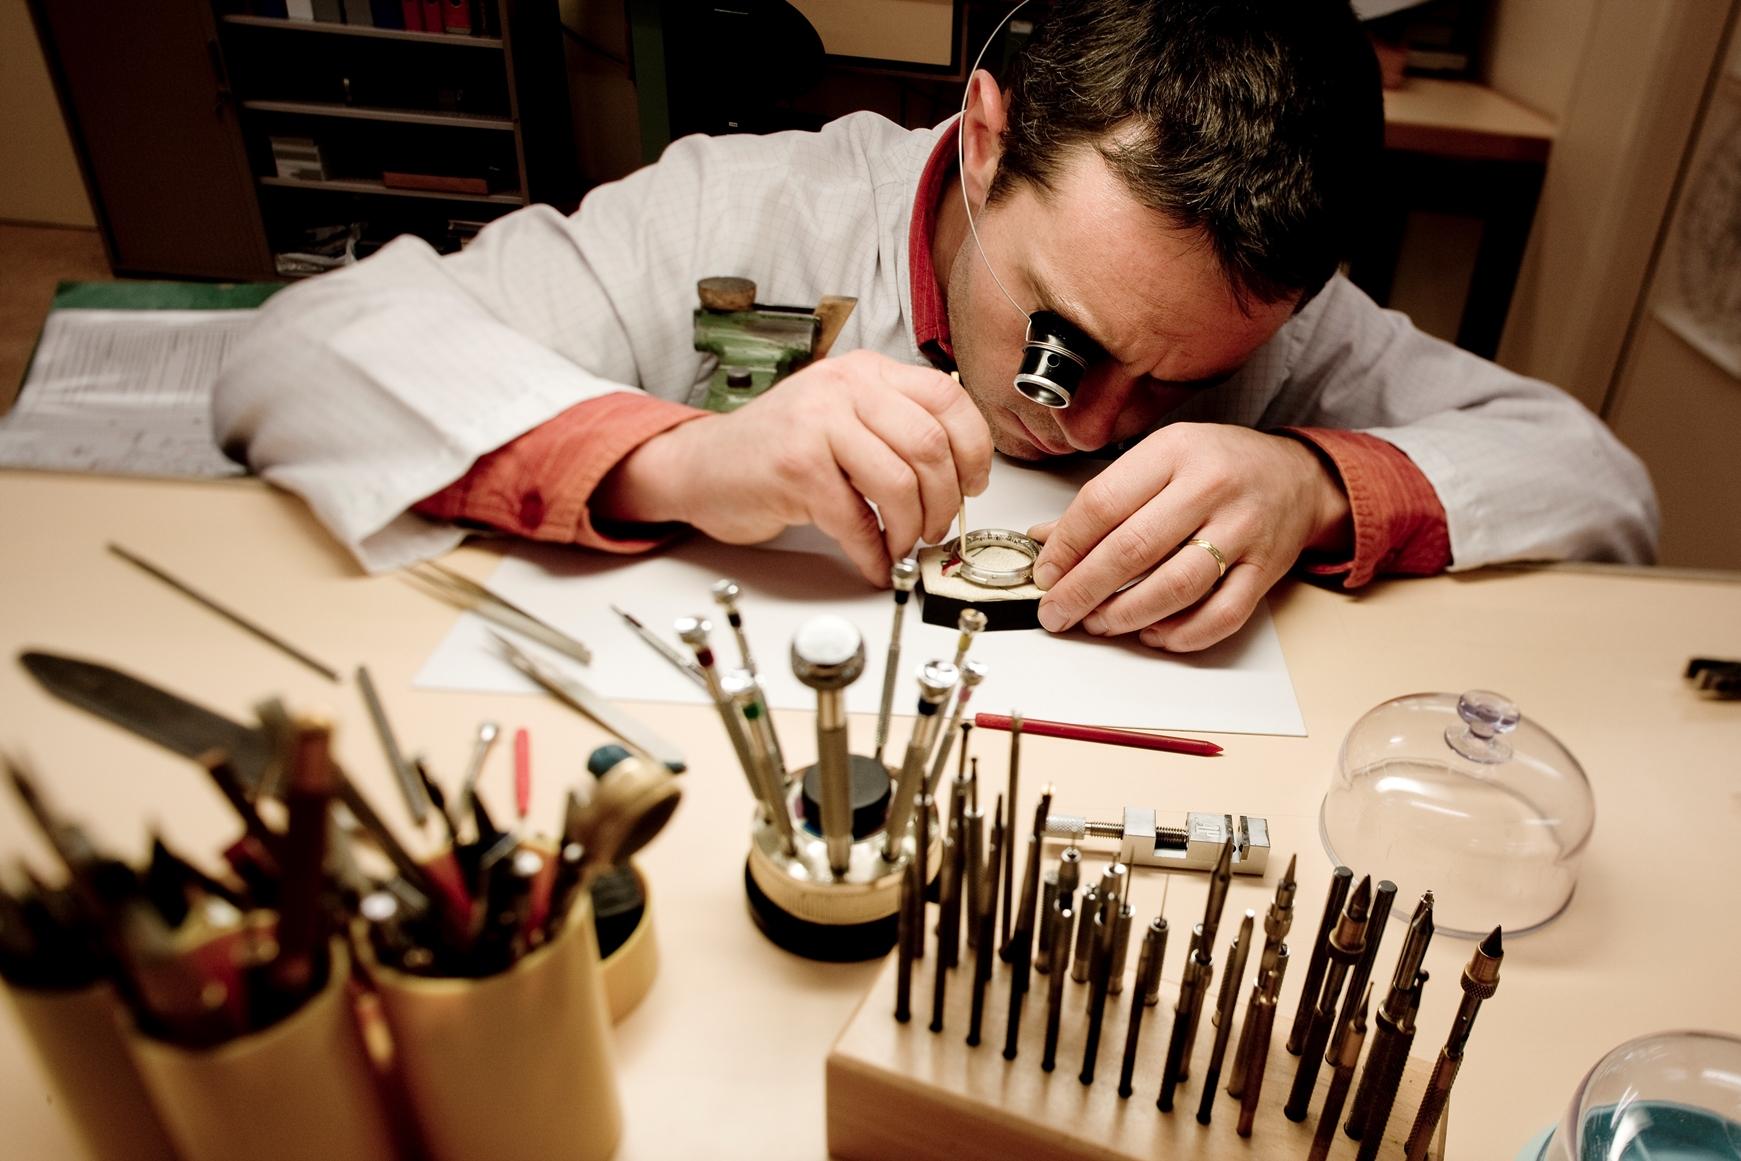 Audemars Piguet, spécialiste de la montre de luxe